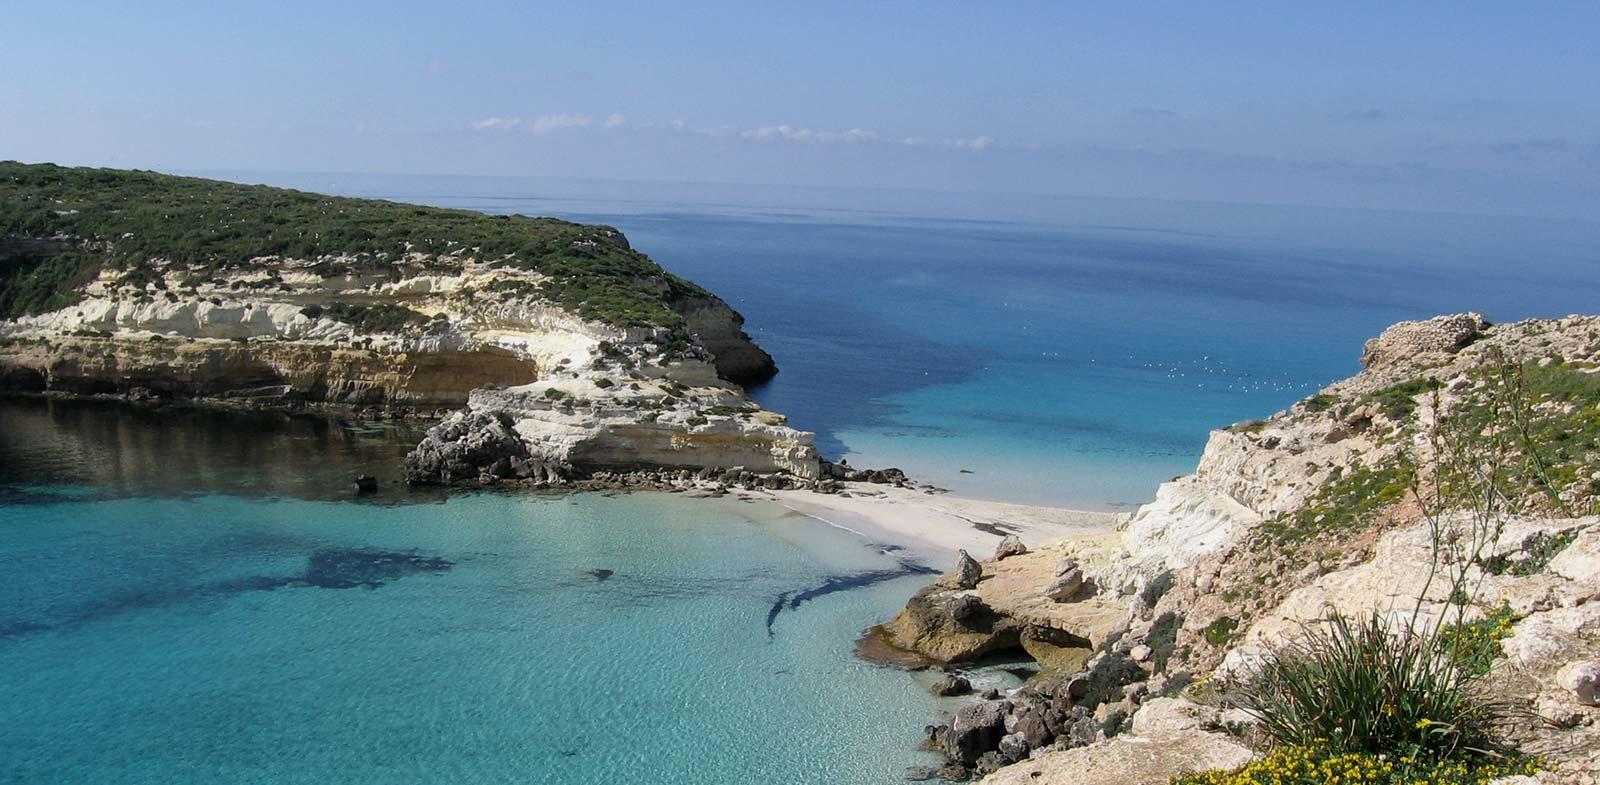 Prenota la tua Vacanza d\'estate a Lampedusa a prezzi vantaggiosi!